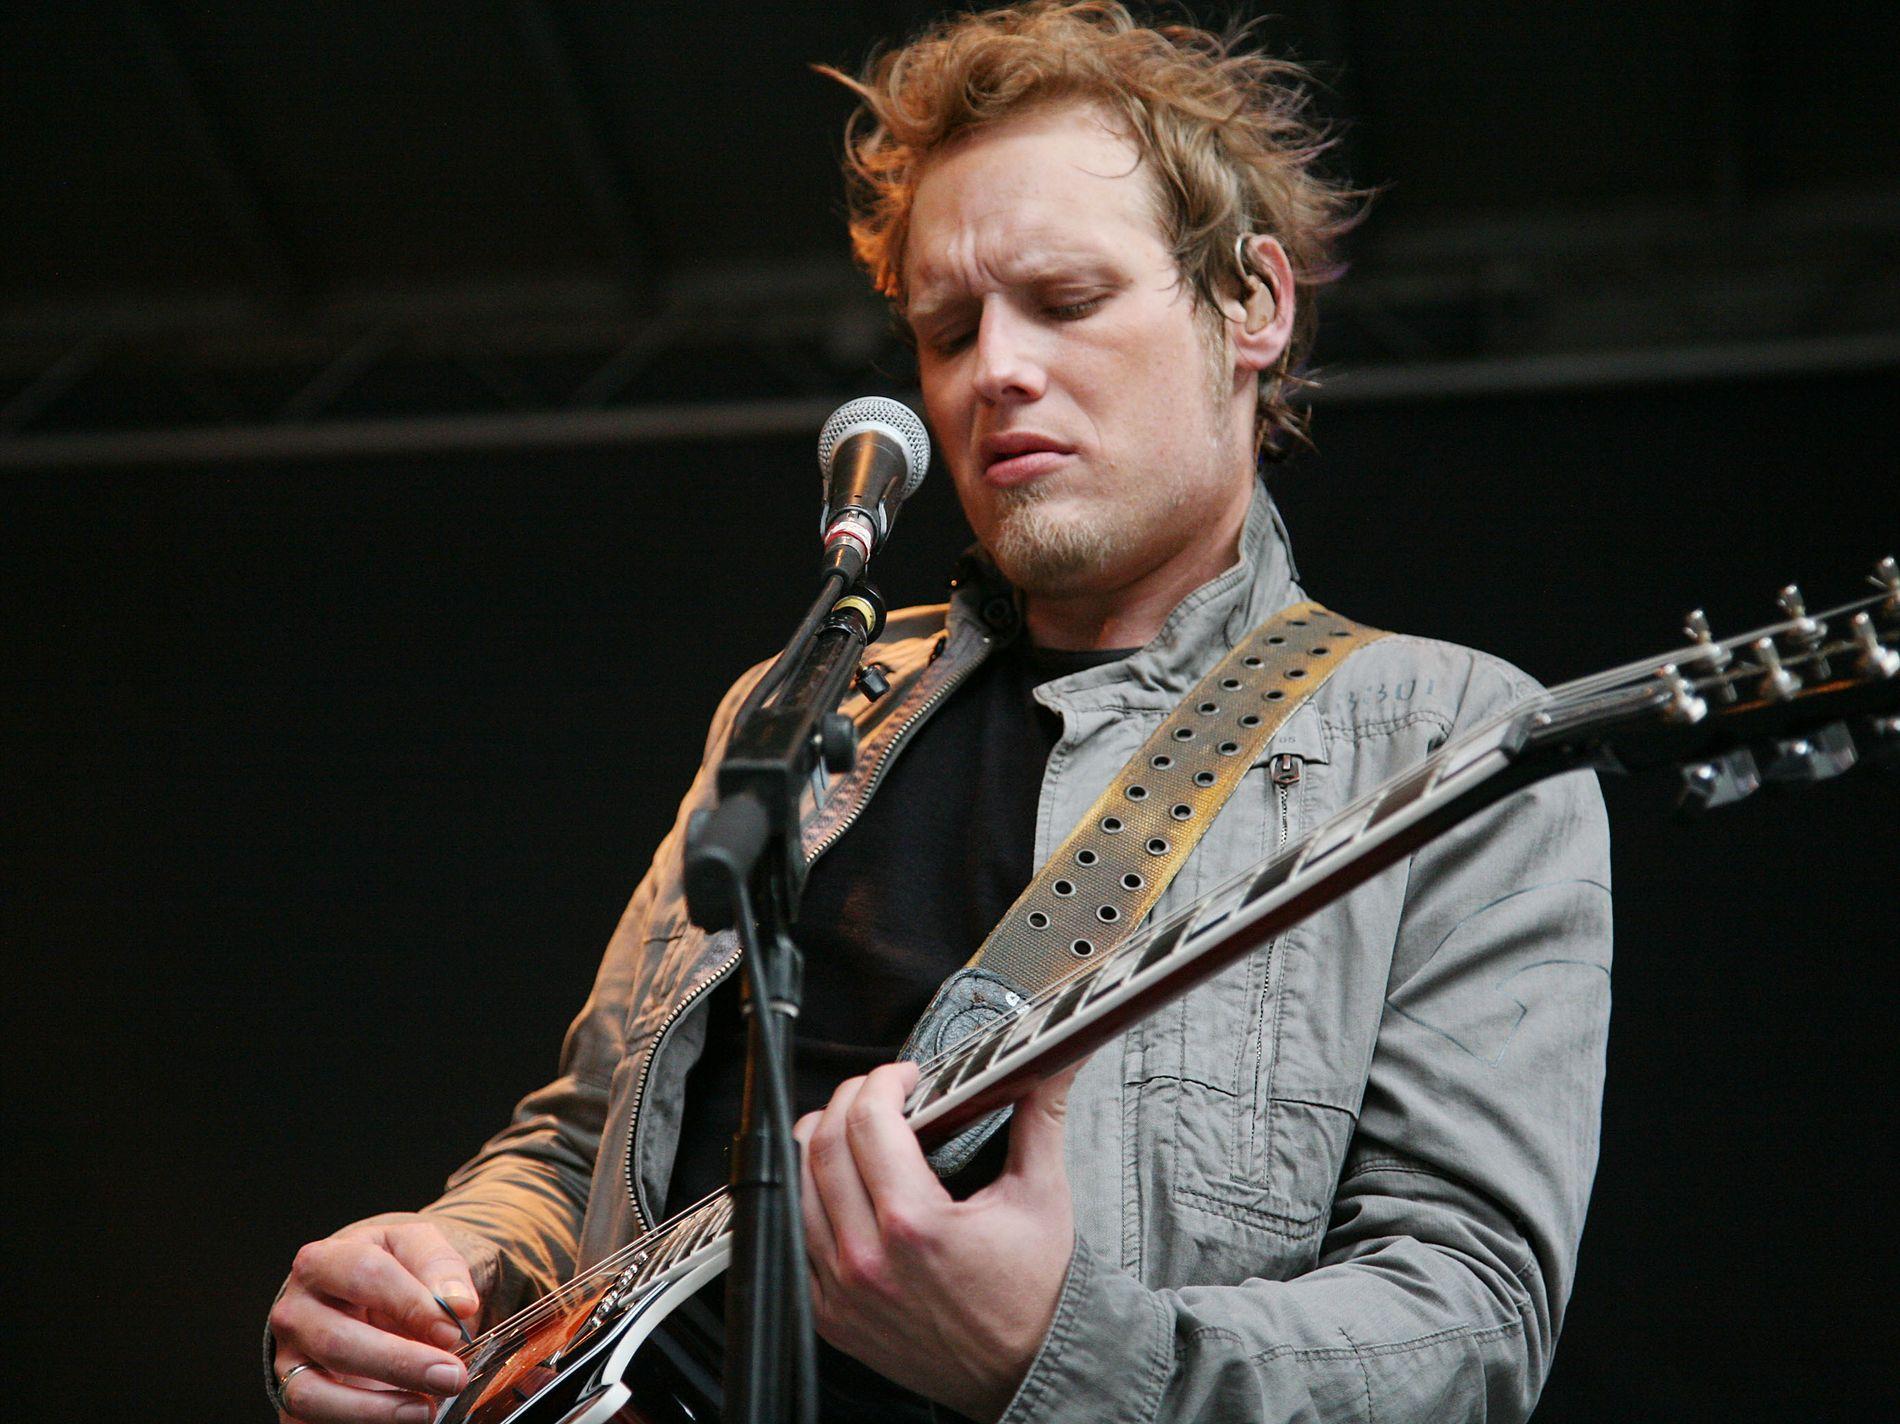 FUNNET DØD: Gitarist Matt Roberts som var med på å danne rockebandet 3 Doors Down ble funnet død lørdag morgen. Her fra en konsert i New York i 2011. Foto: GETTY IMAGES